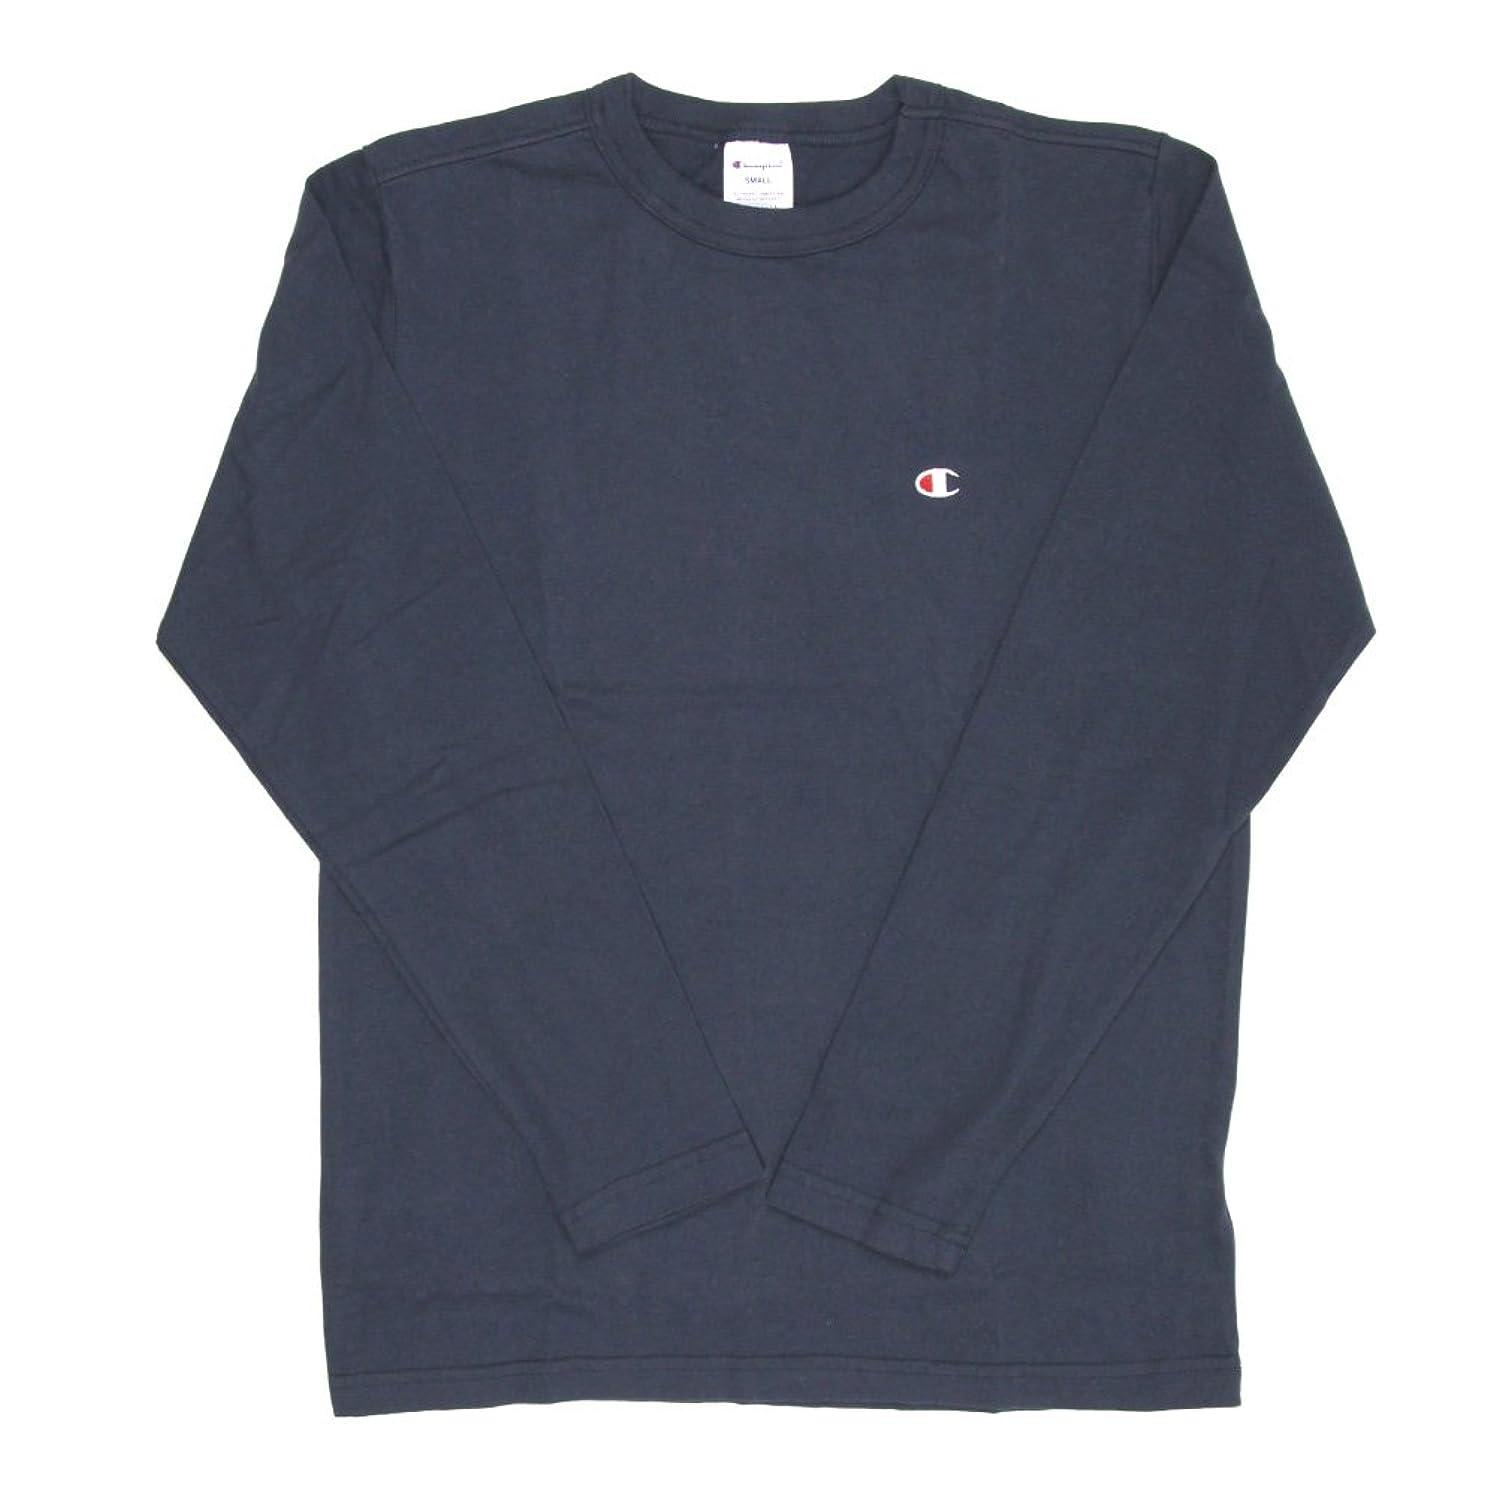 貝殻三エレガント(チャンピオン) Champion ロングスリーブ Tシャツ ロンT カットソー ワンポイント メンズ レディース C3-P401